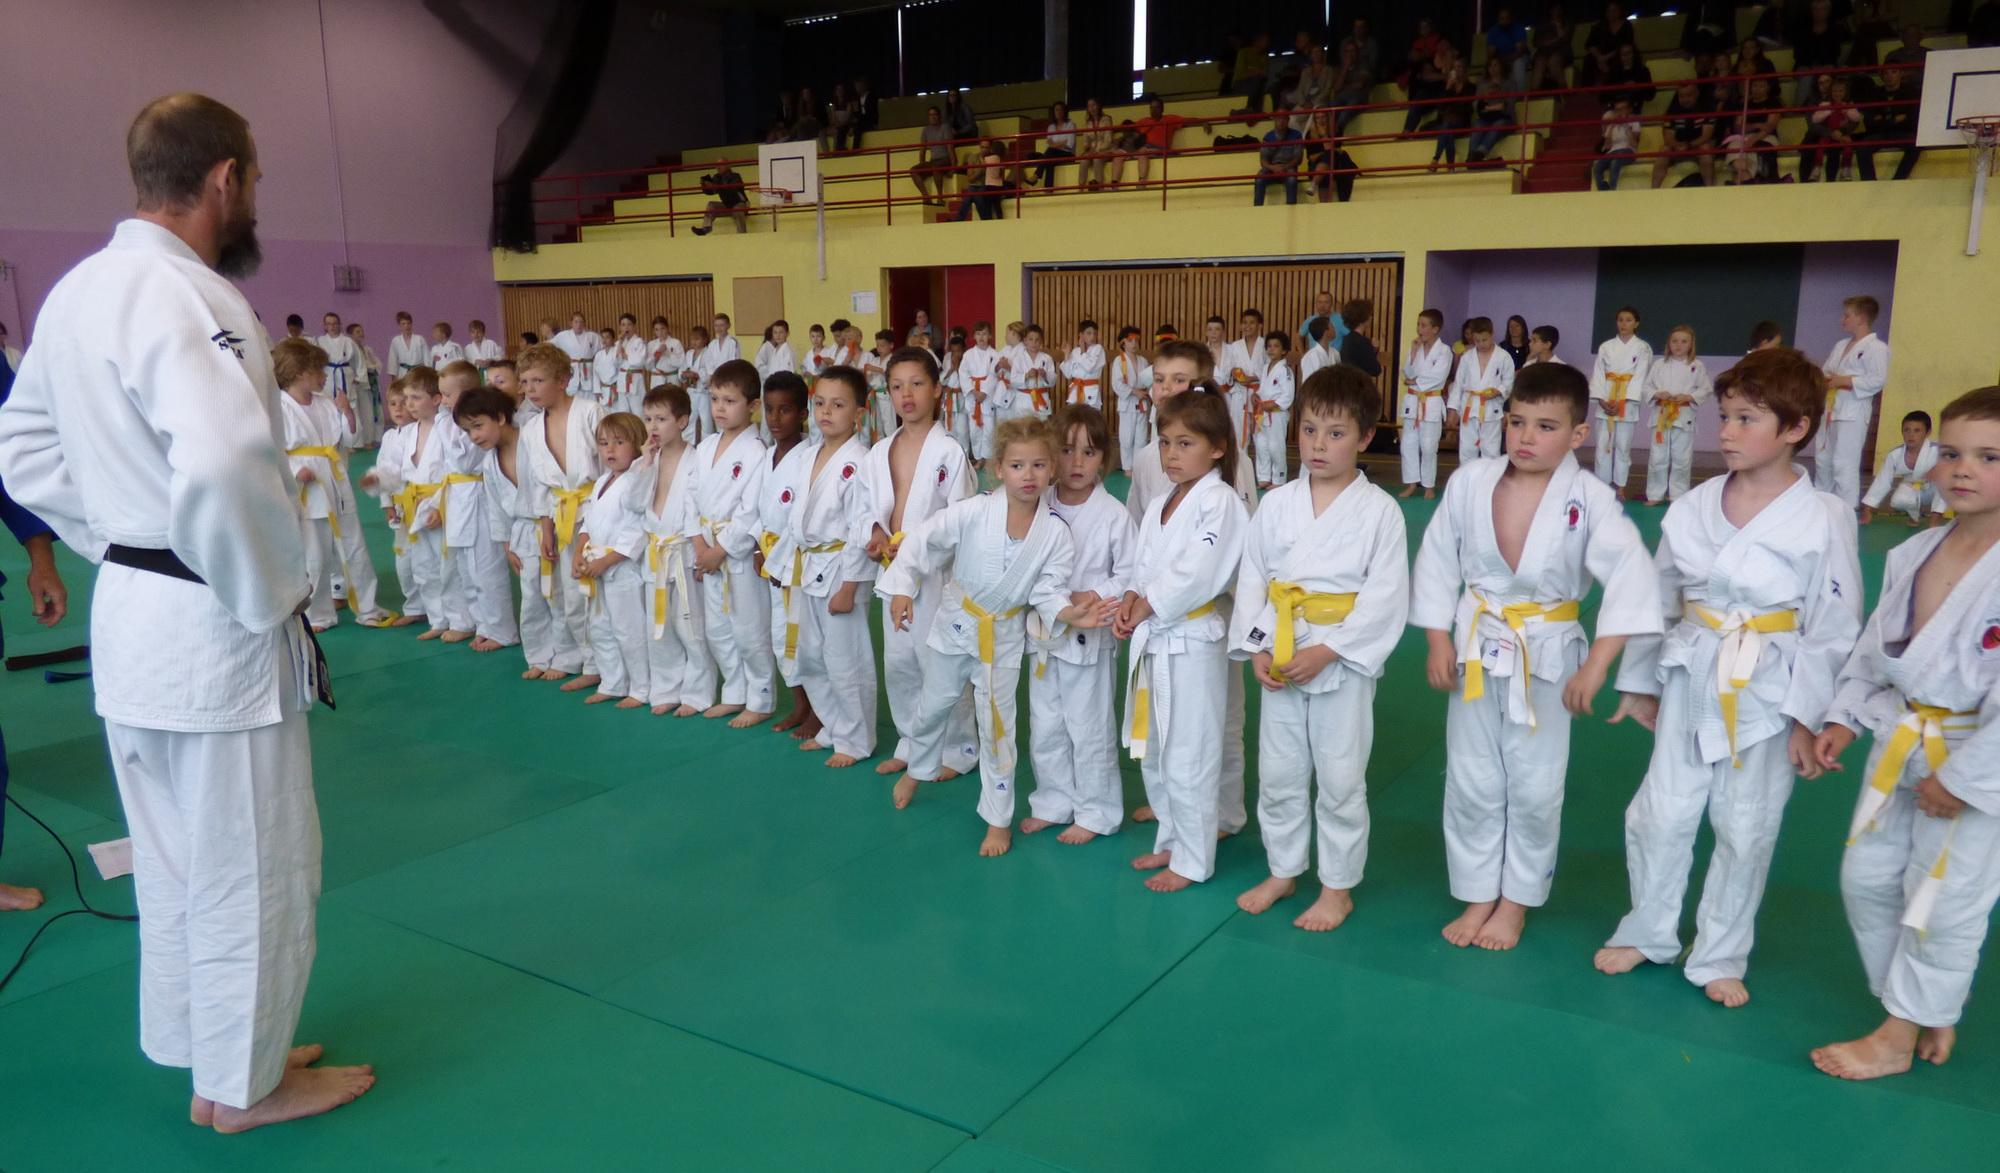 JCB N°359 Les jeunes judokas de Remiremont Judo